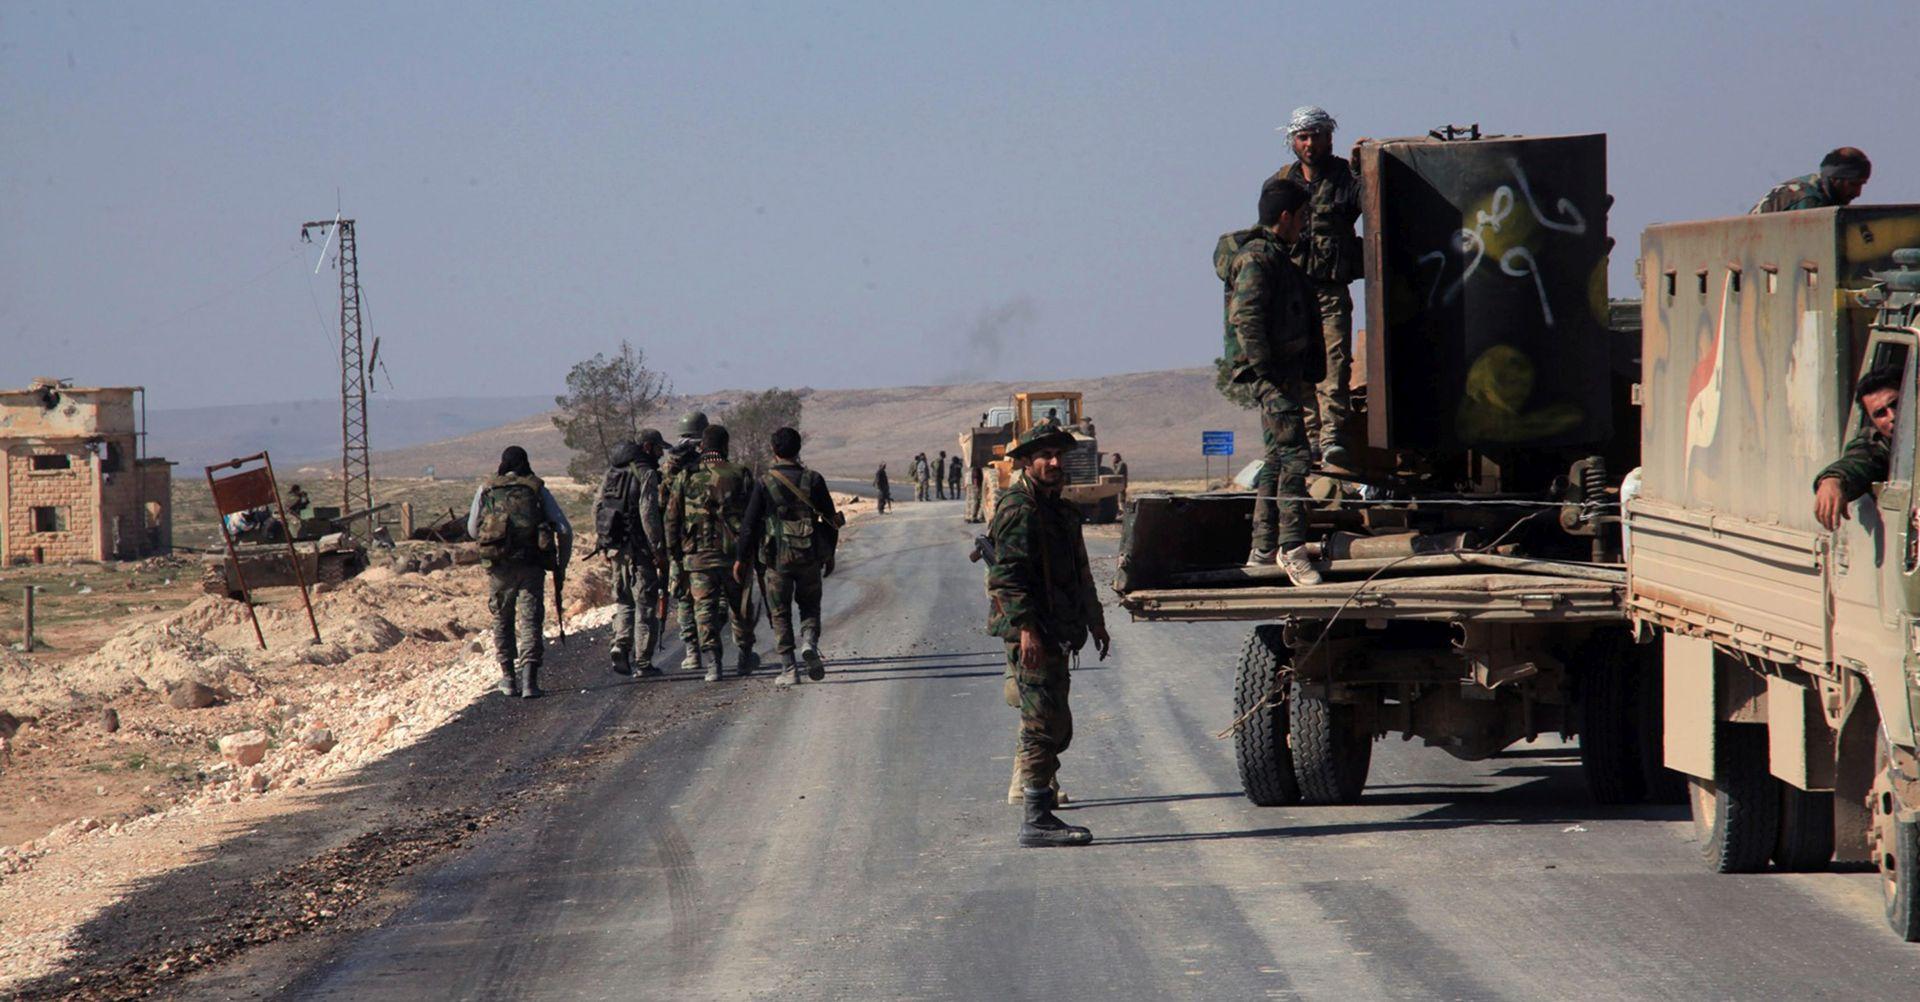 UN ponovno krenuo s dostavljanjem humanitarne pomoći u Siriji